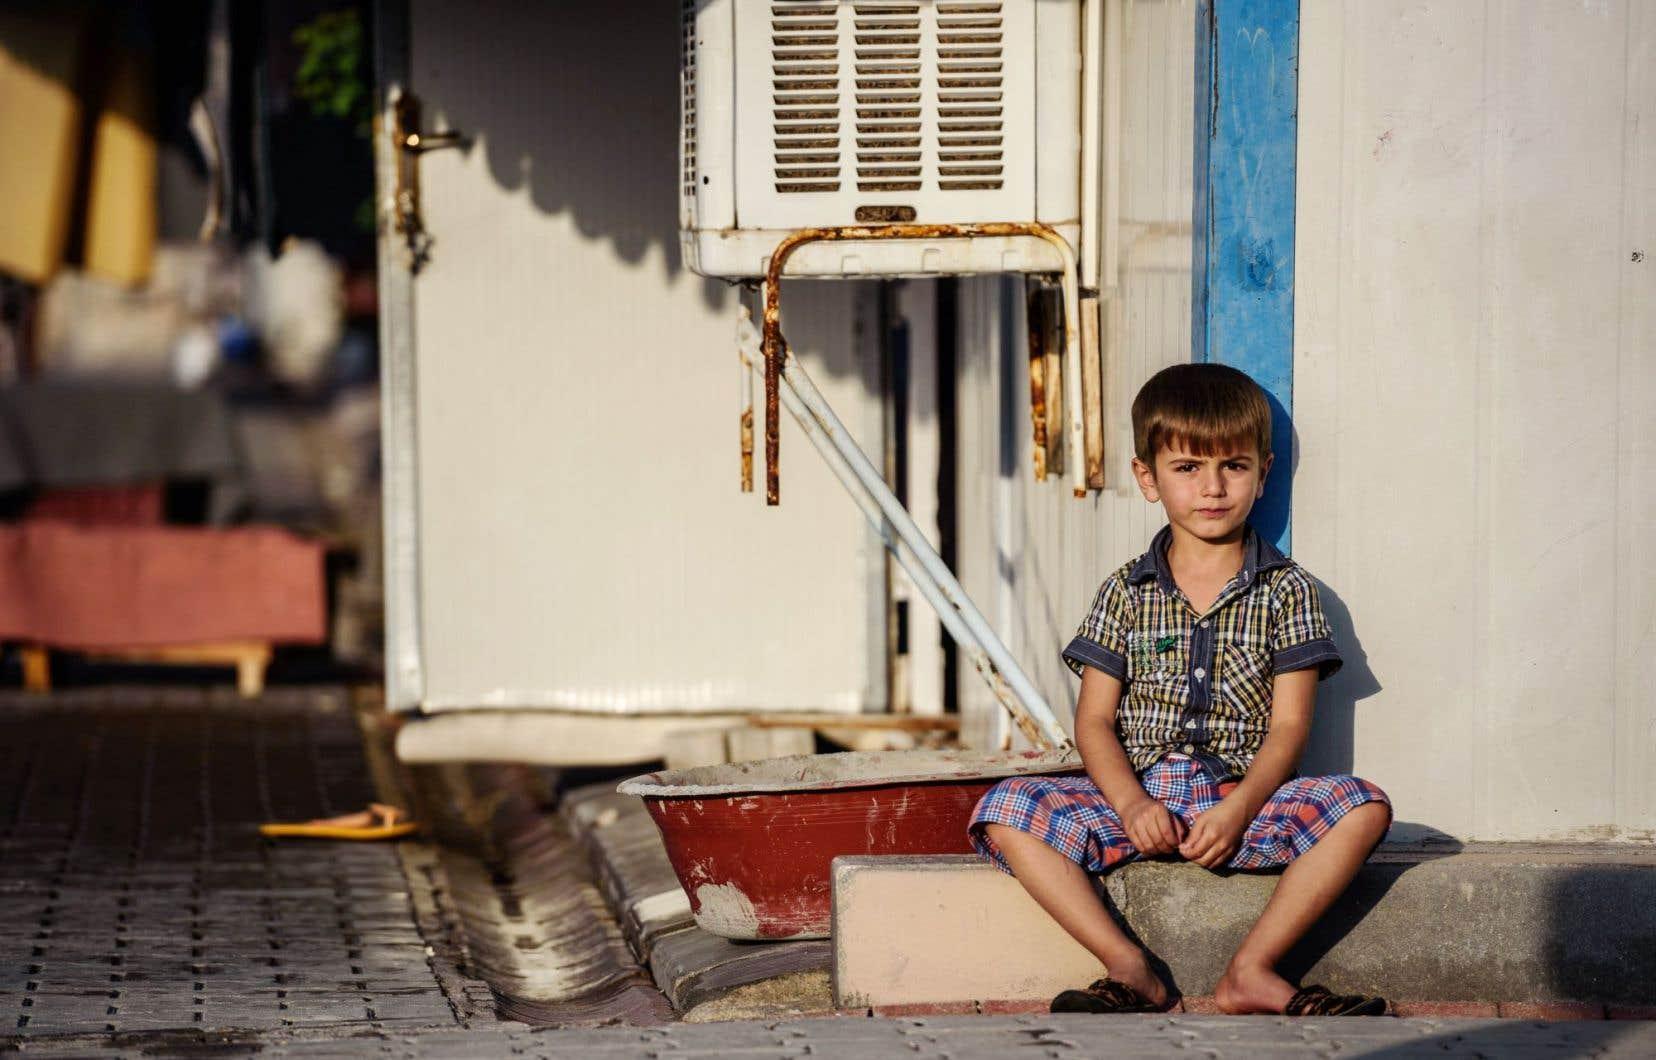 Dans un camp de réfugiés syriens en Turquie, cet enfant doit prendre son mal en patience.